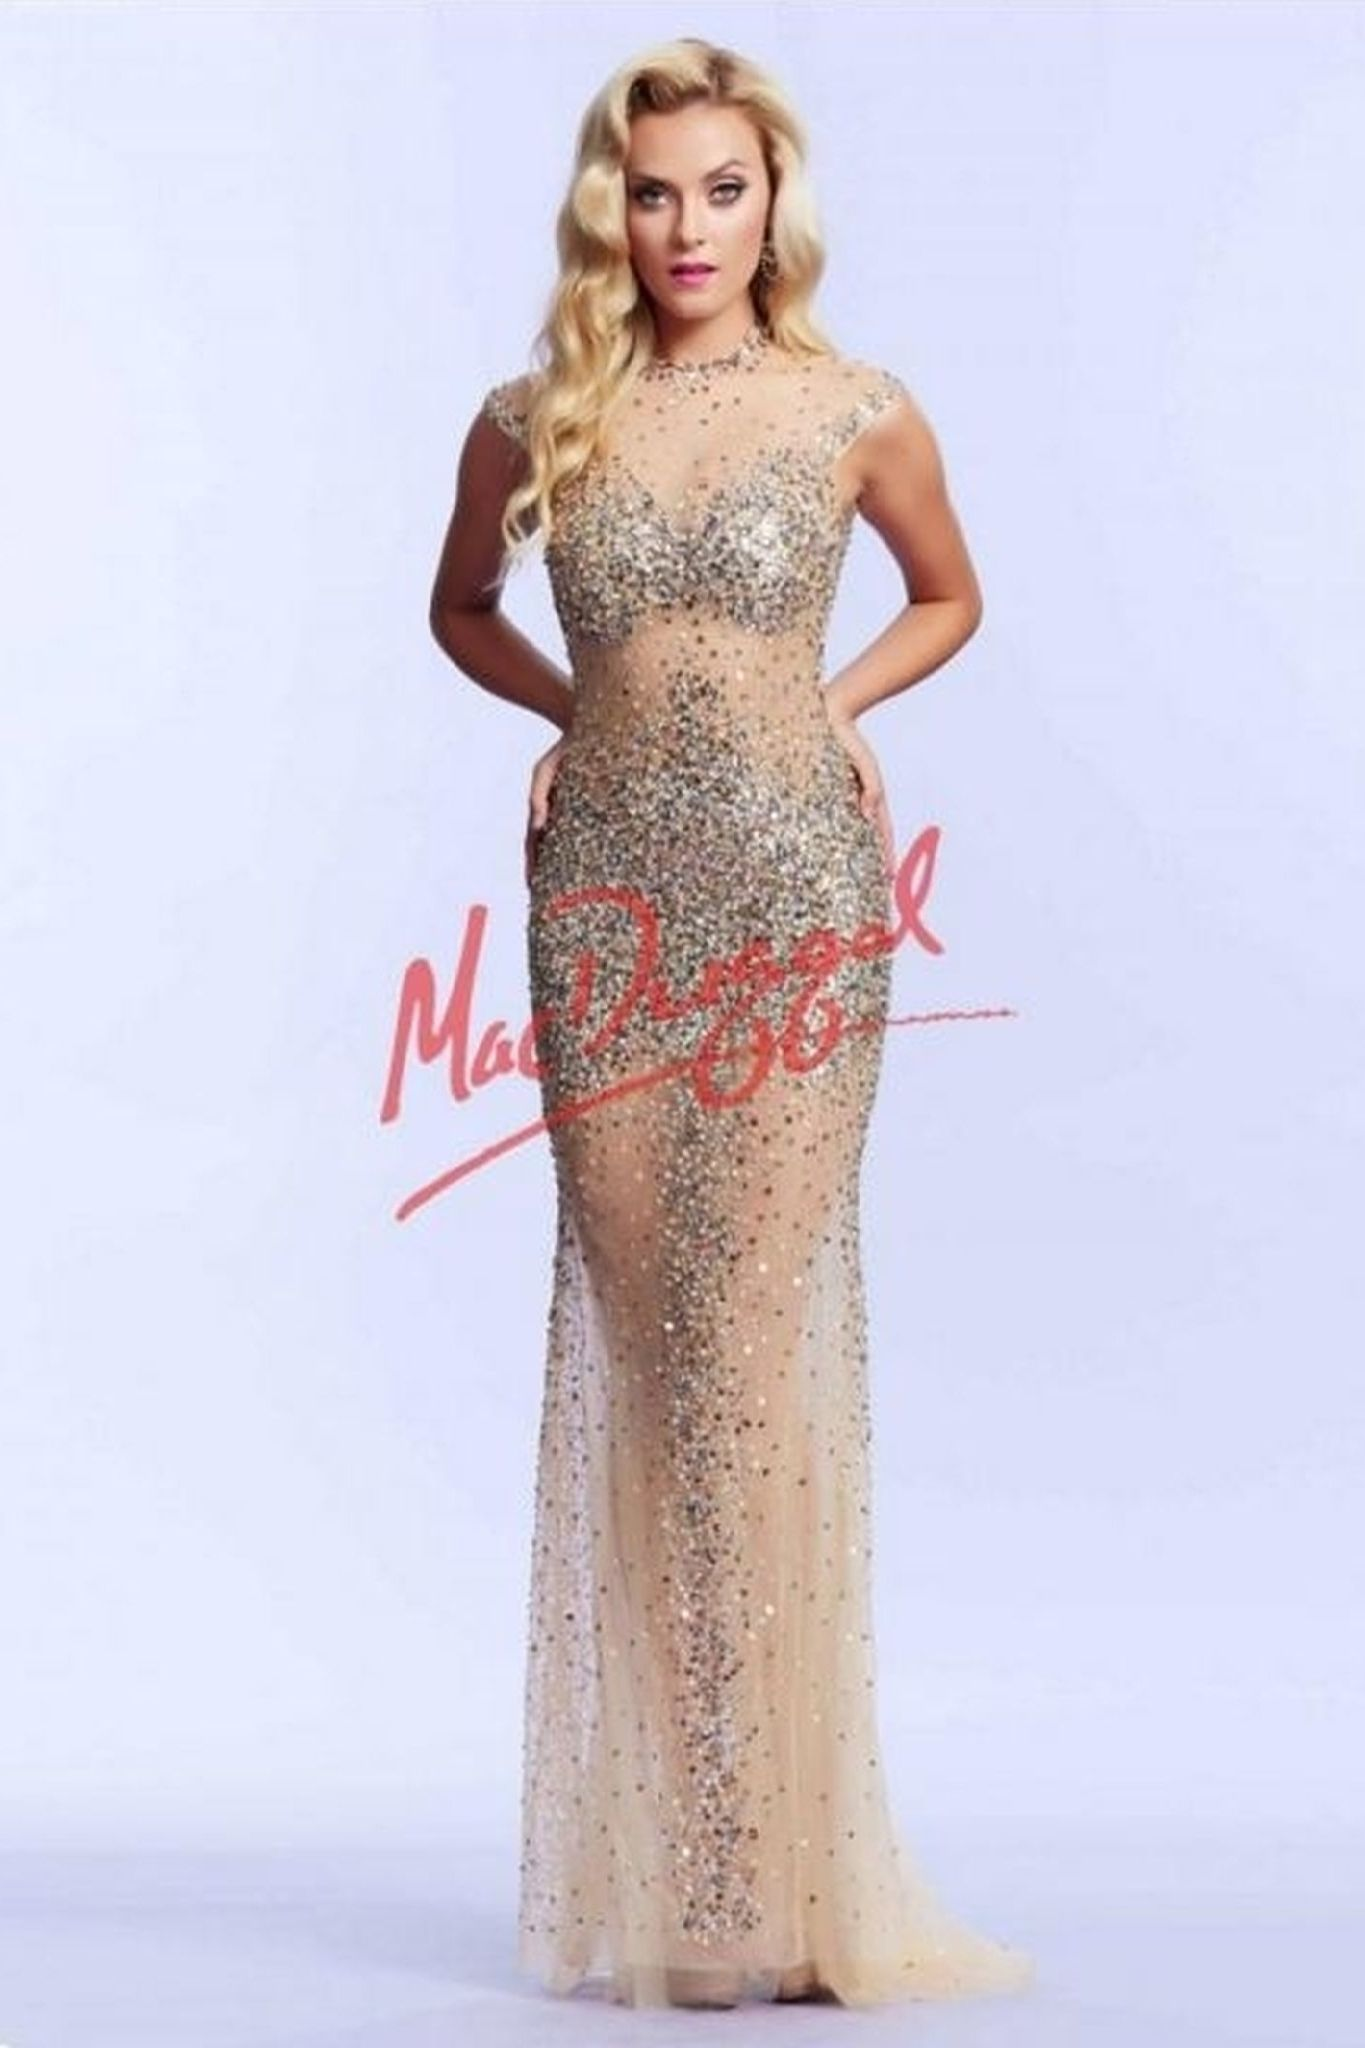 Mac Duggal 612117 Платье  длинное, прозрачное, облегающее, усыпанное камнями